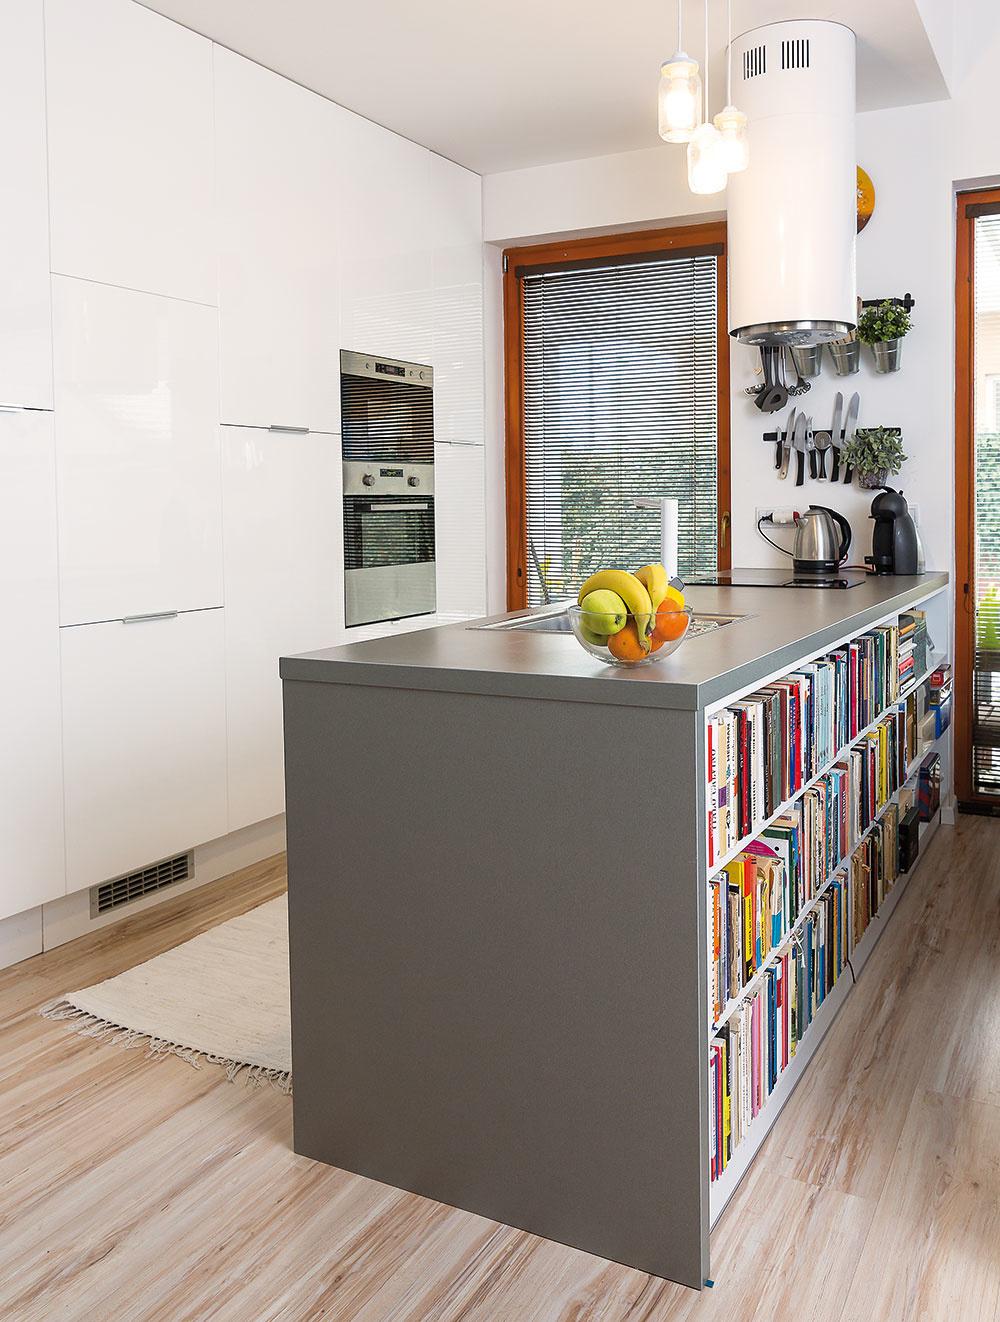 Knihy uložené vkuchynskom ostrove zo strany obývačky podporujú prepojenosť týchto zón aumocňujú pocit kontinuity otvoreného denného priestoru.